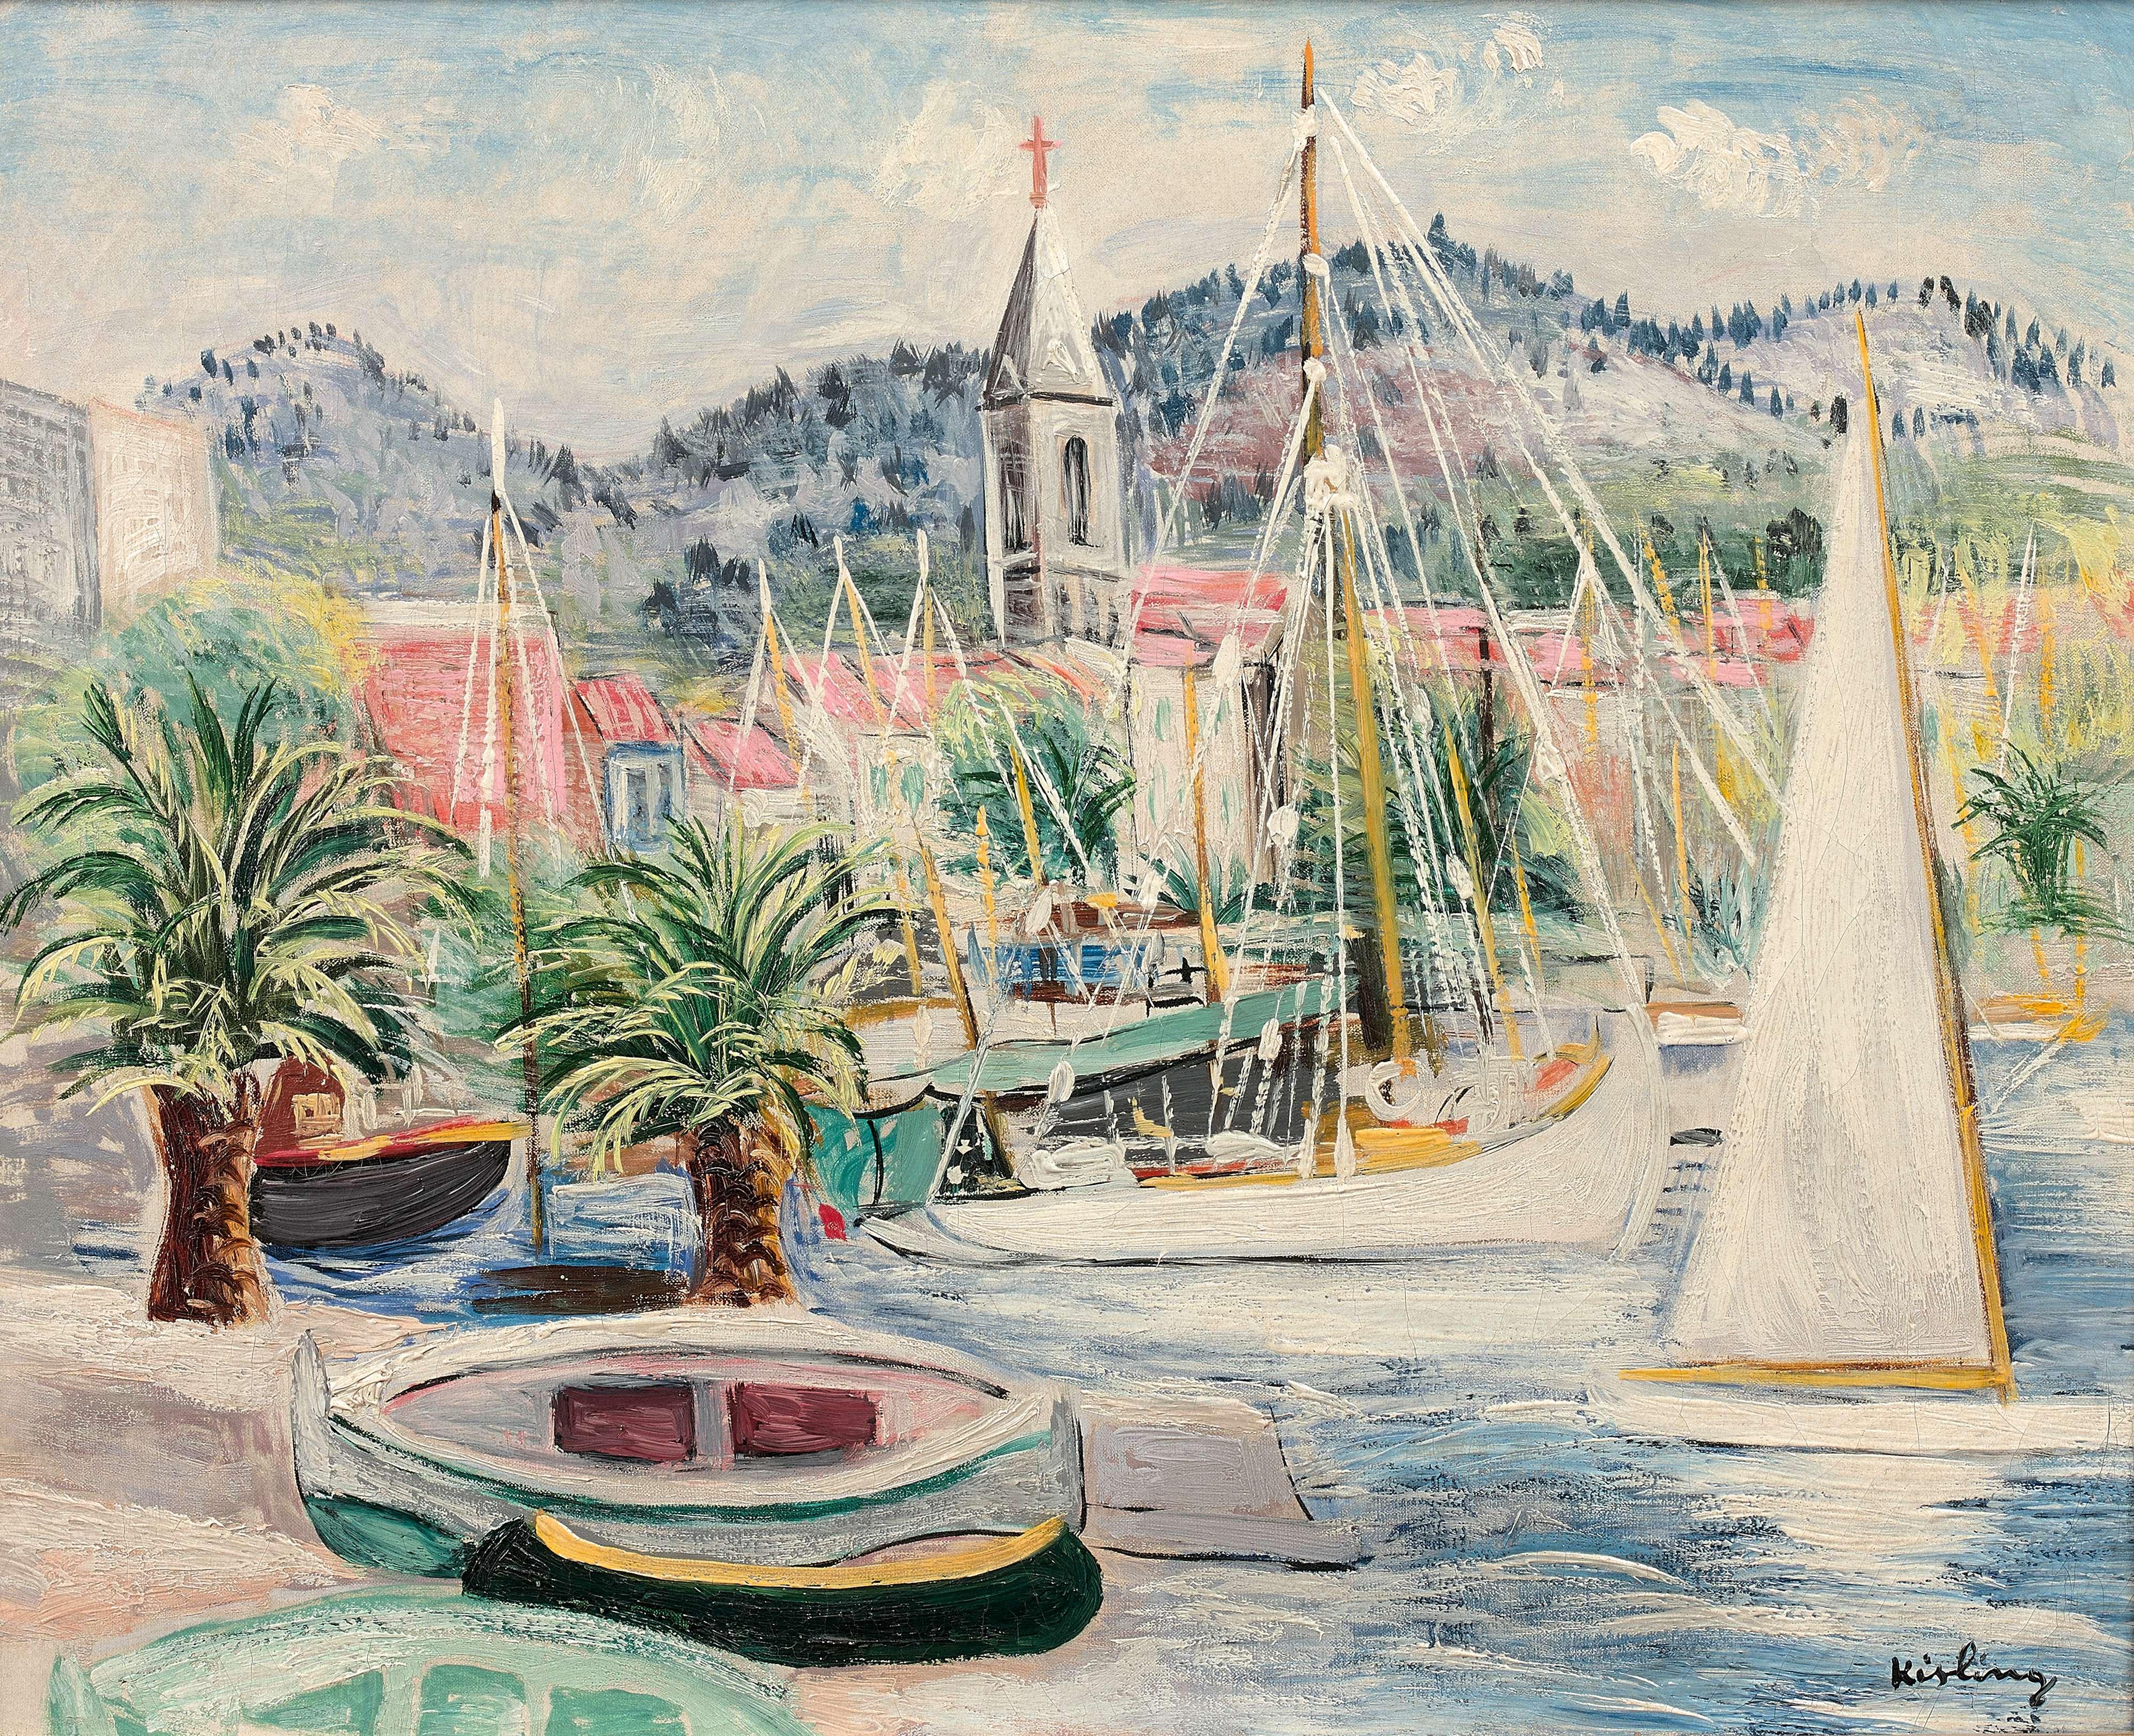 """Mojżesz Kisling (1891-1953) """"Port w Bandol"""", źródło: Artcurial"""